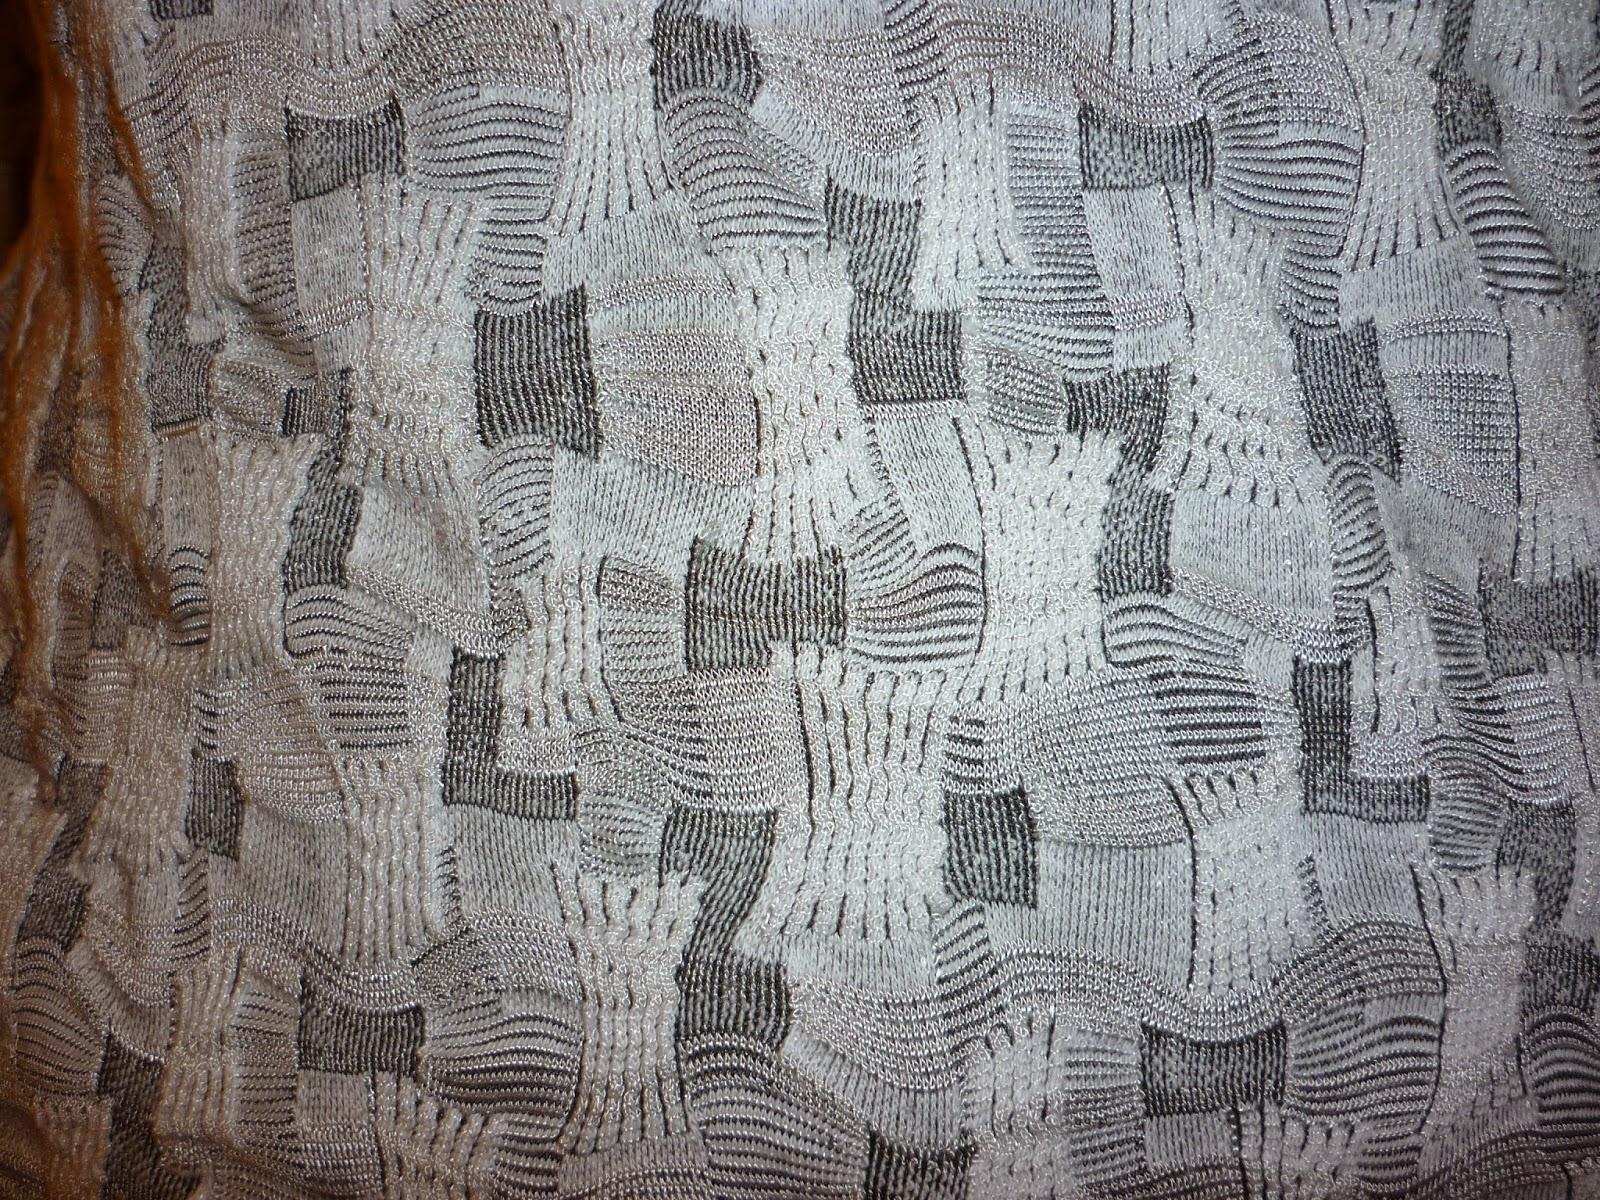 burda 12/2013 diciembre 2013 128 camiseta costura conjunta la vie en diy modistilla de pacotilla